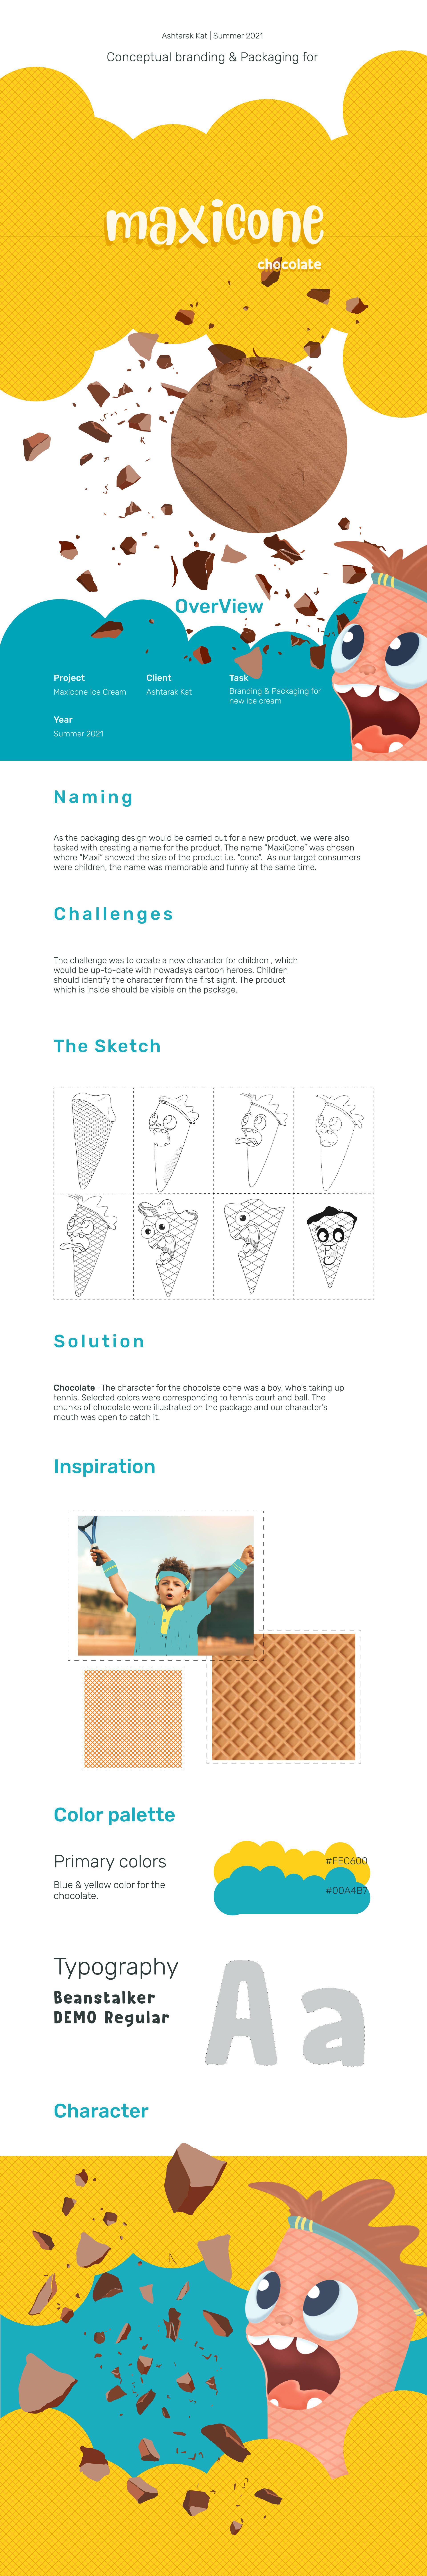 Maxicone - Ice Cream